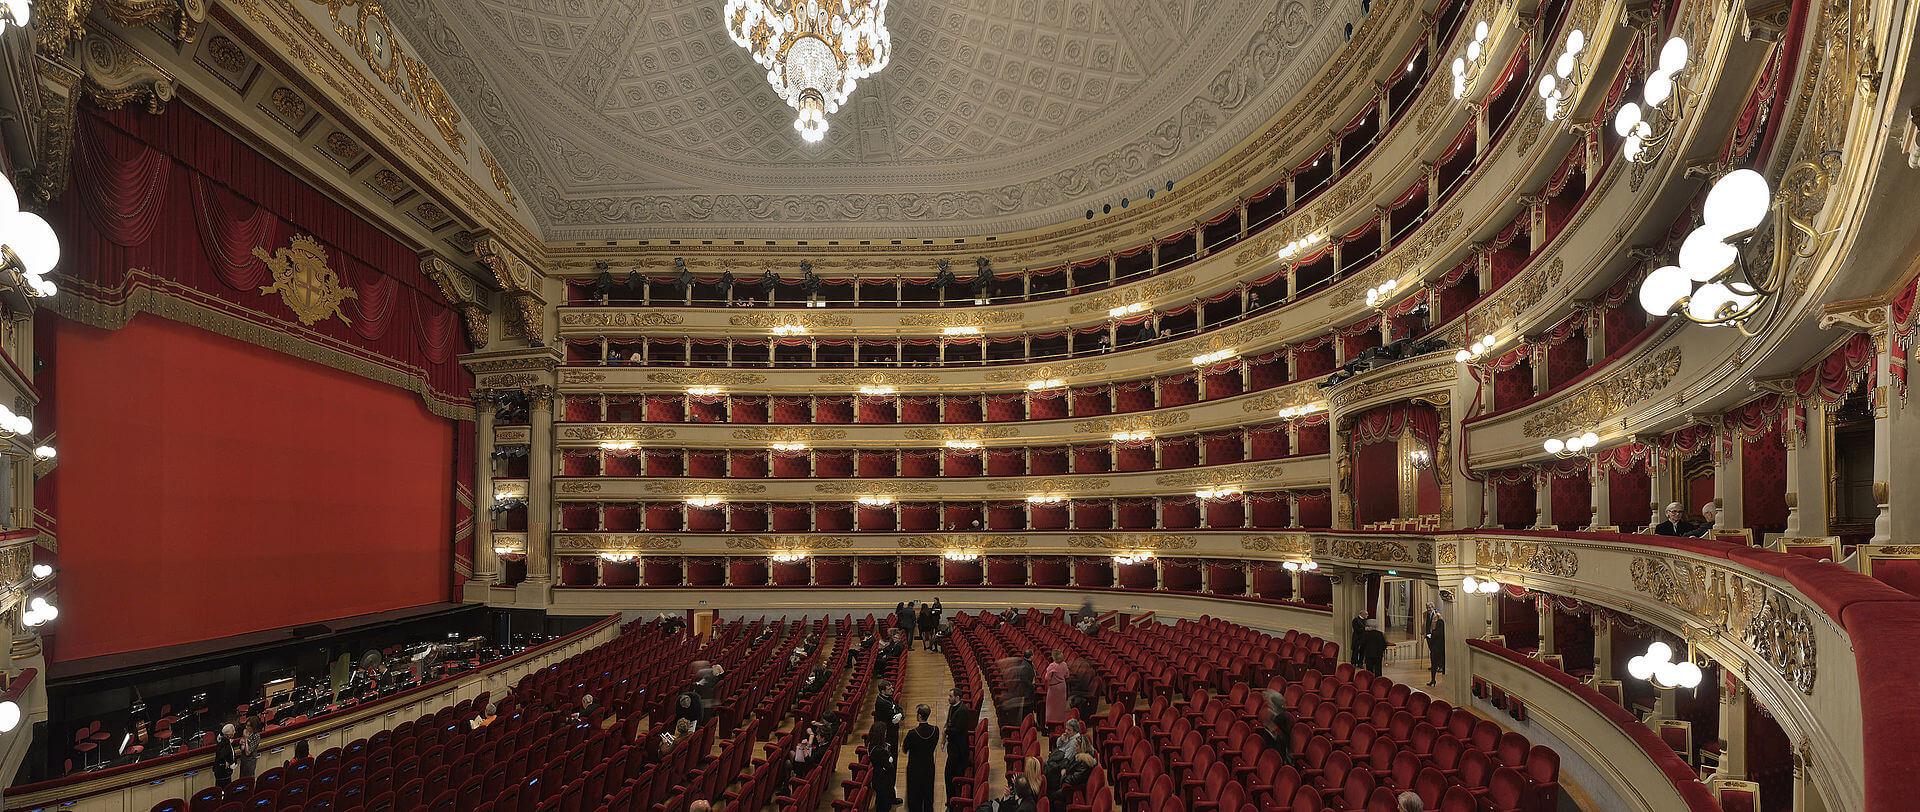 Réveillon de rêve à la Scala de Milan